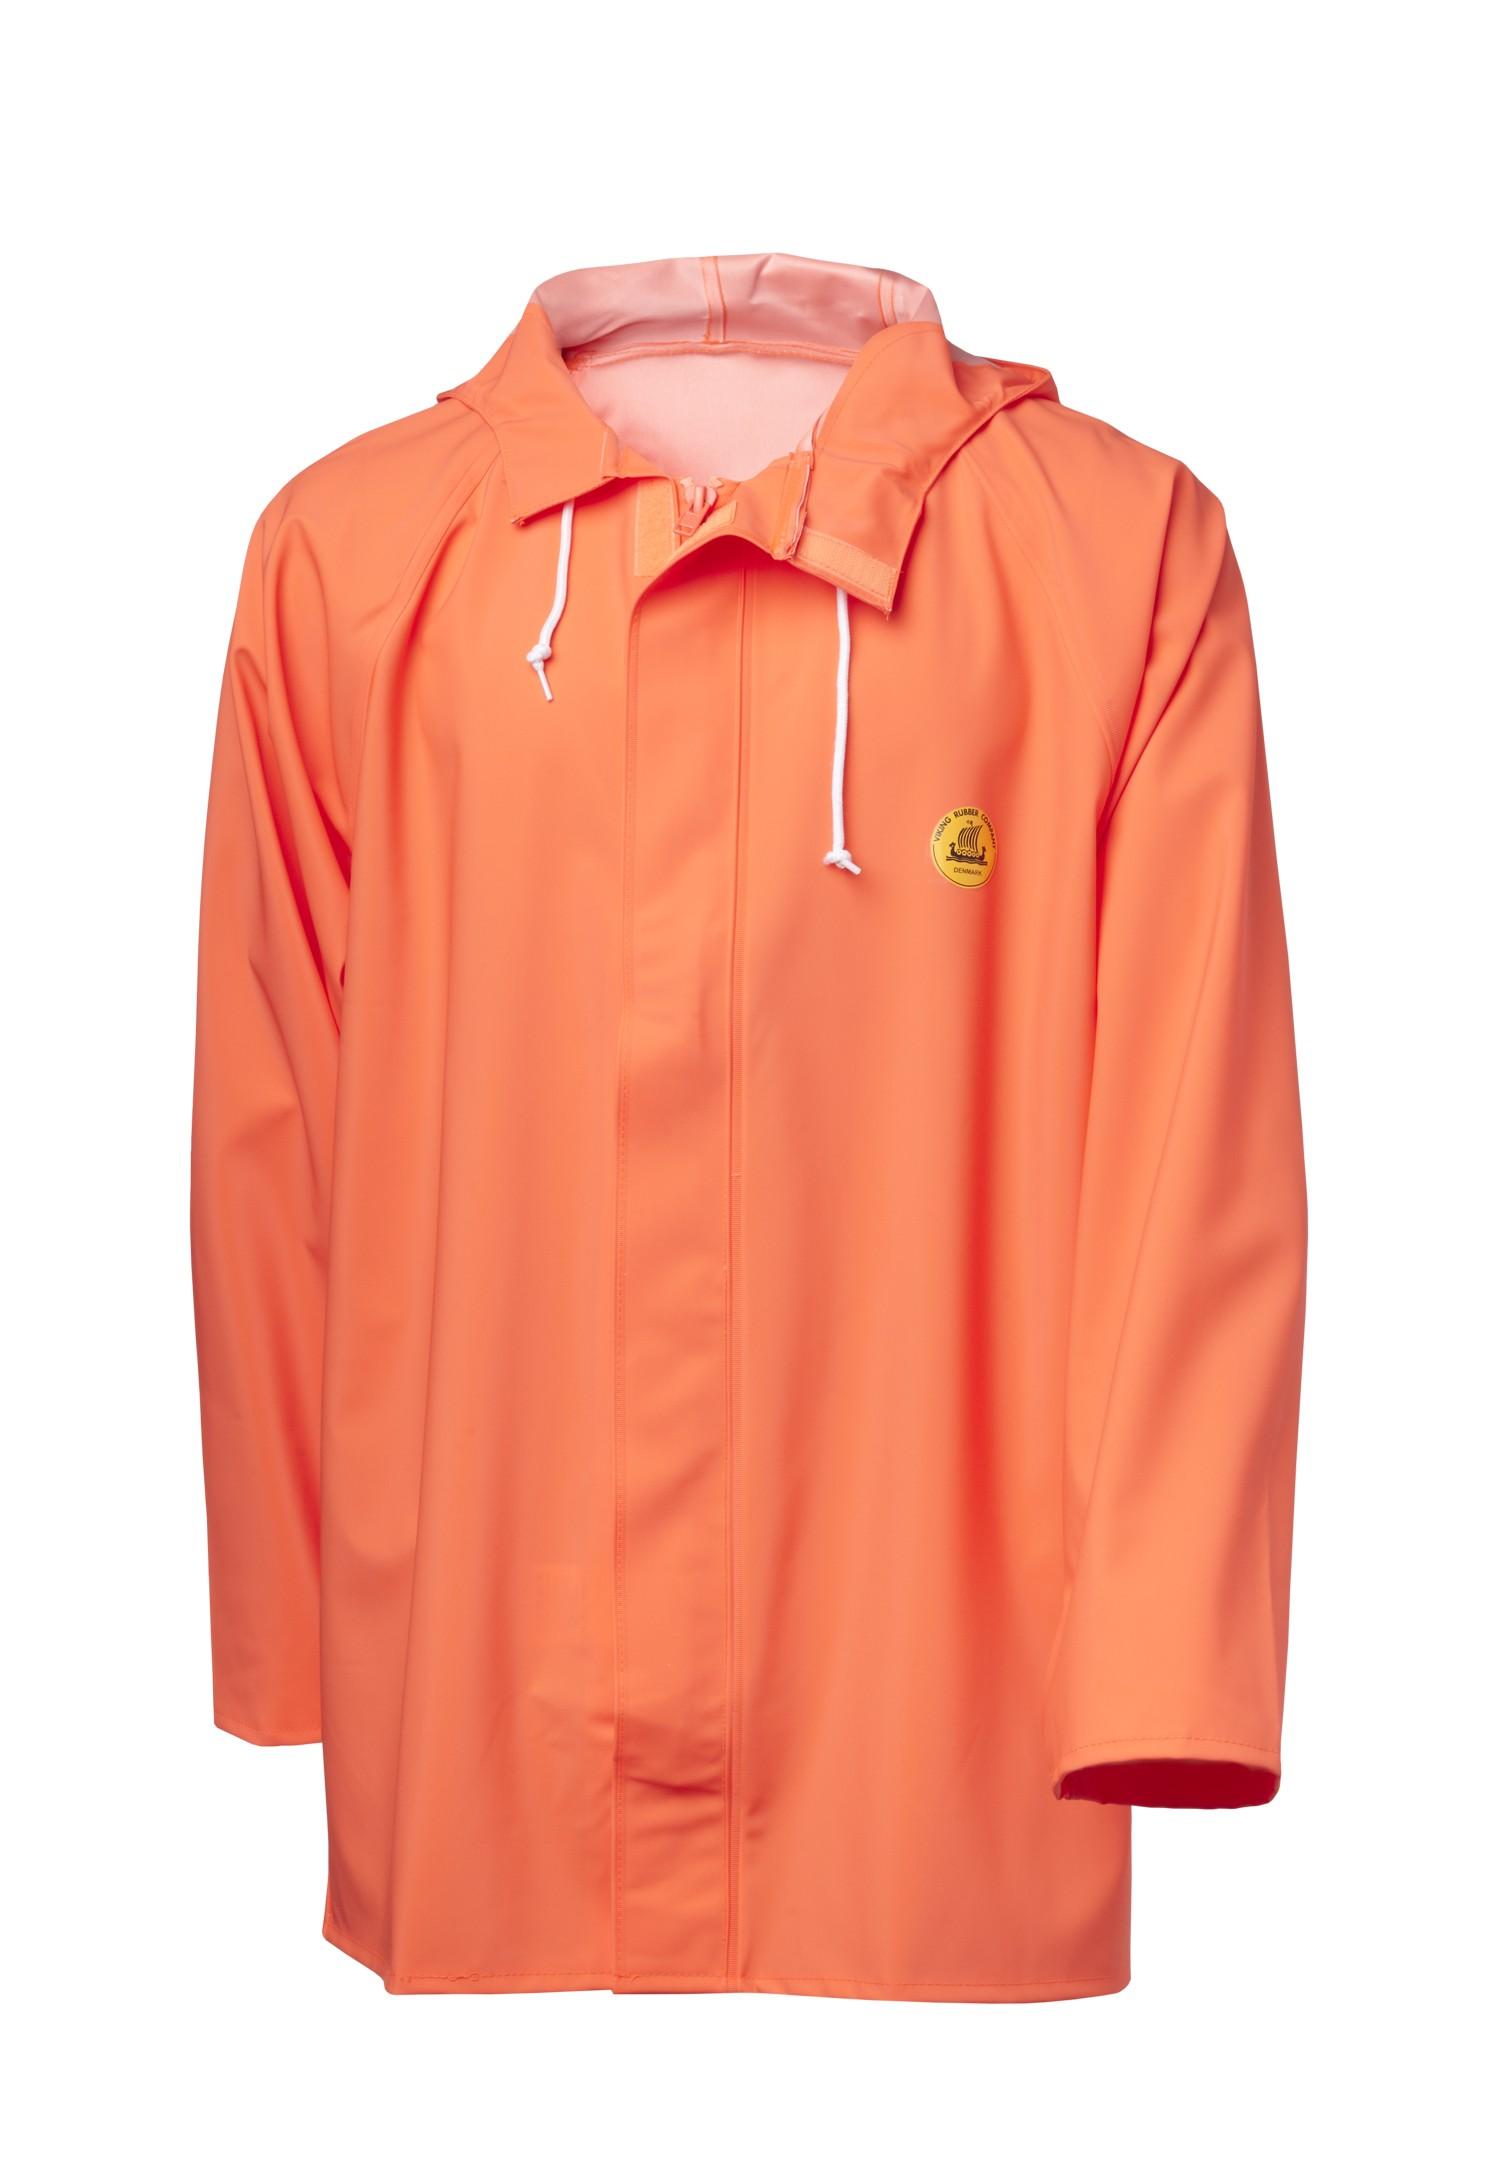 55.24 - Σακάκι Νιτσεράδας Budget από την Viking Πορτοκαλί XL